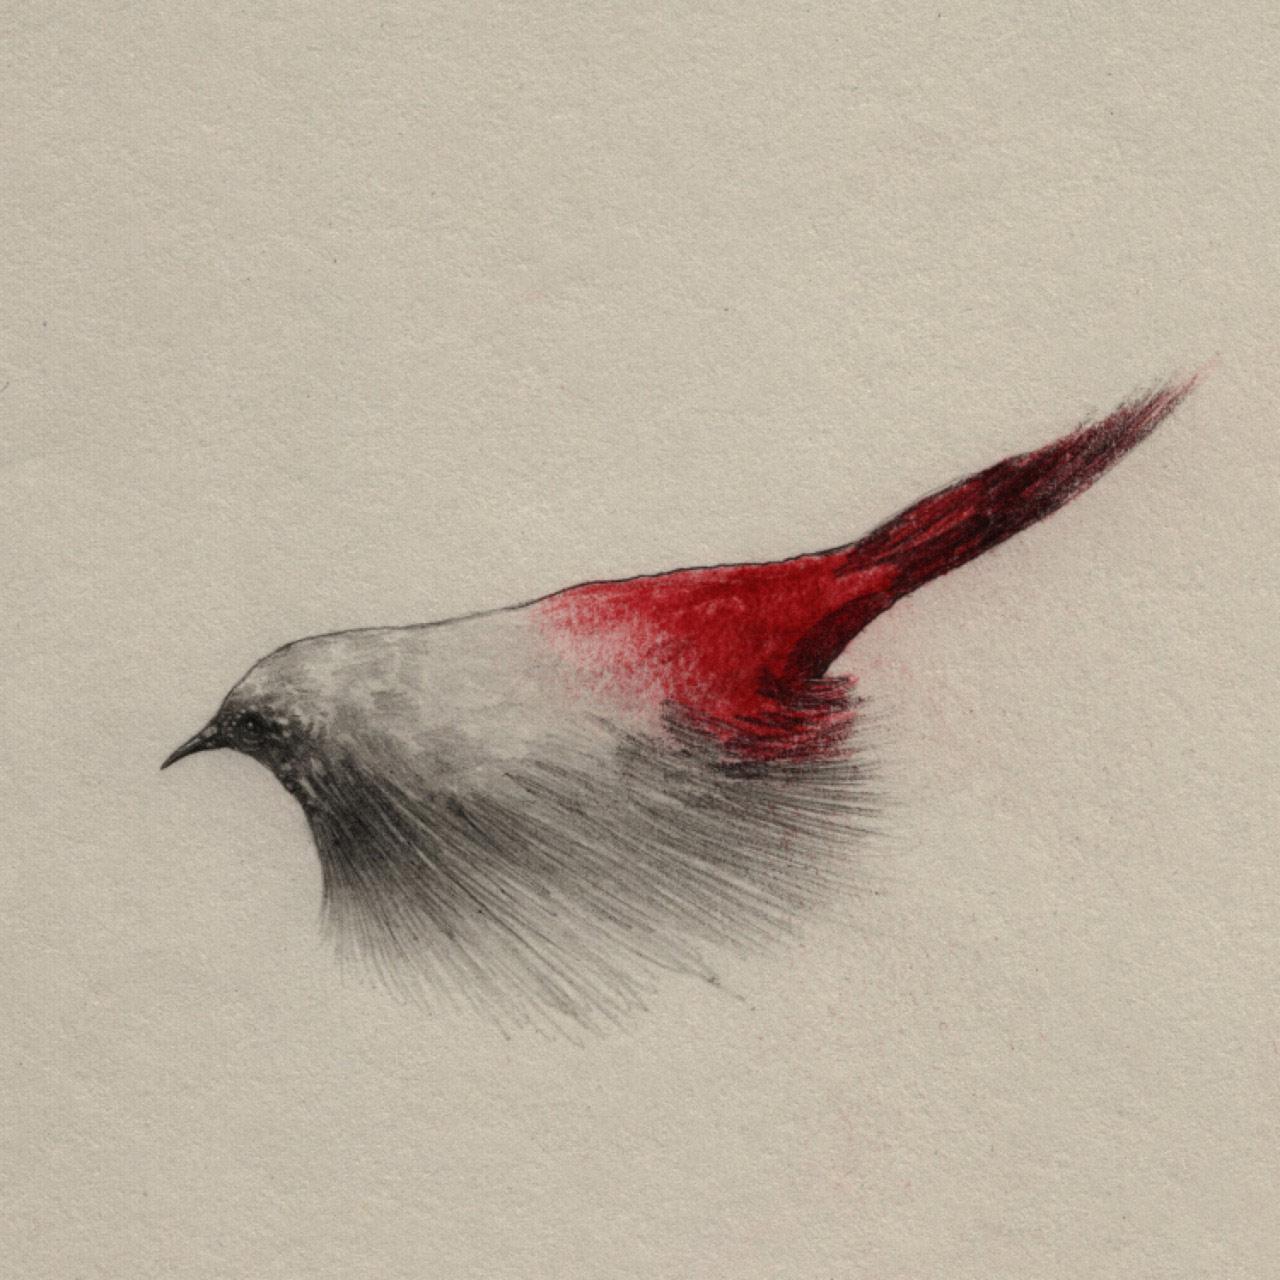 artist-andrew-smith09